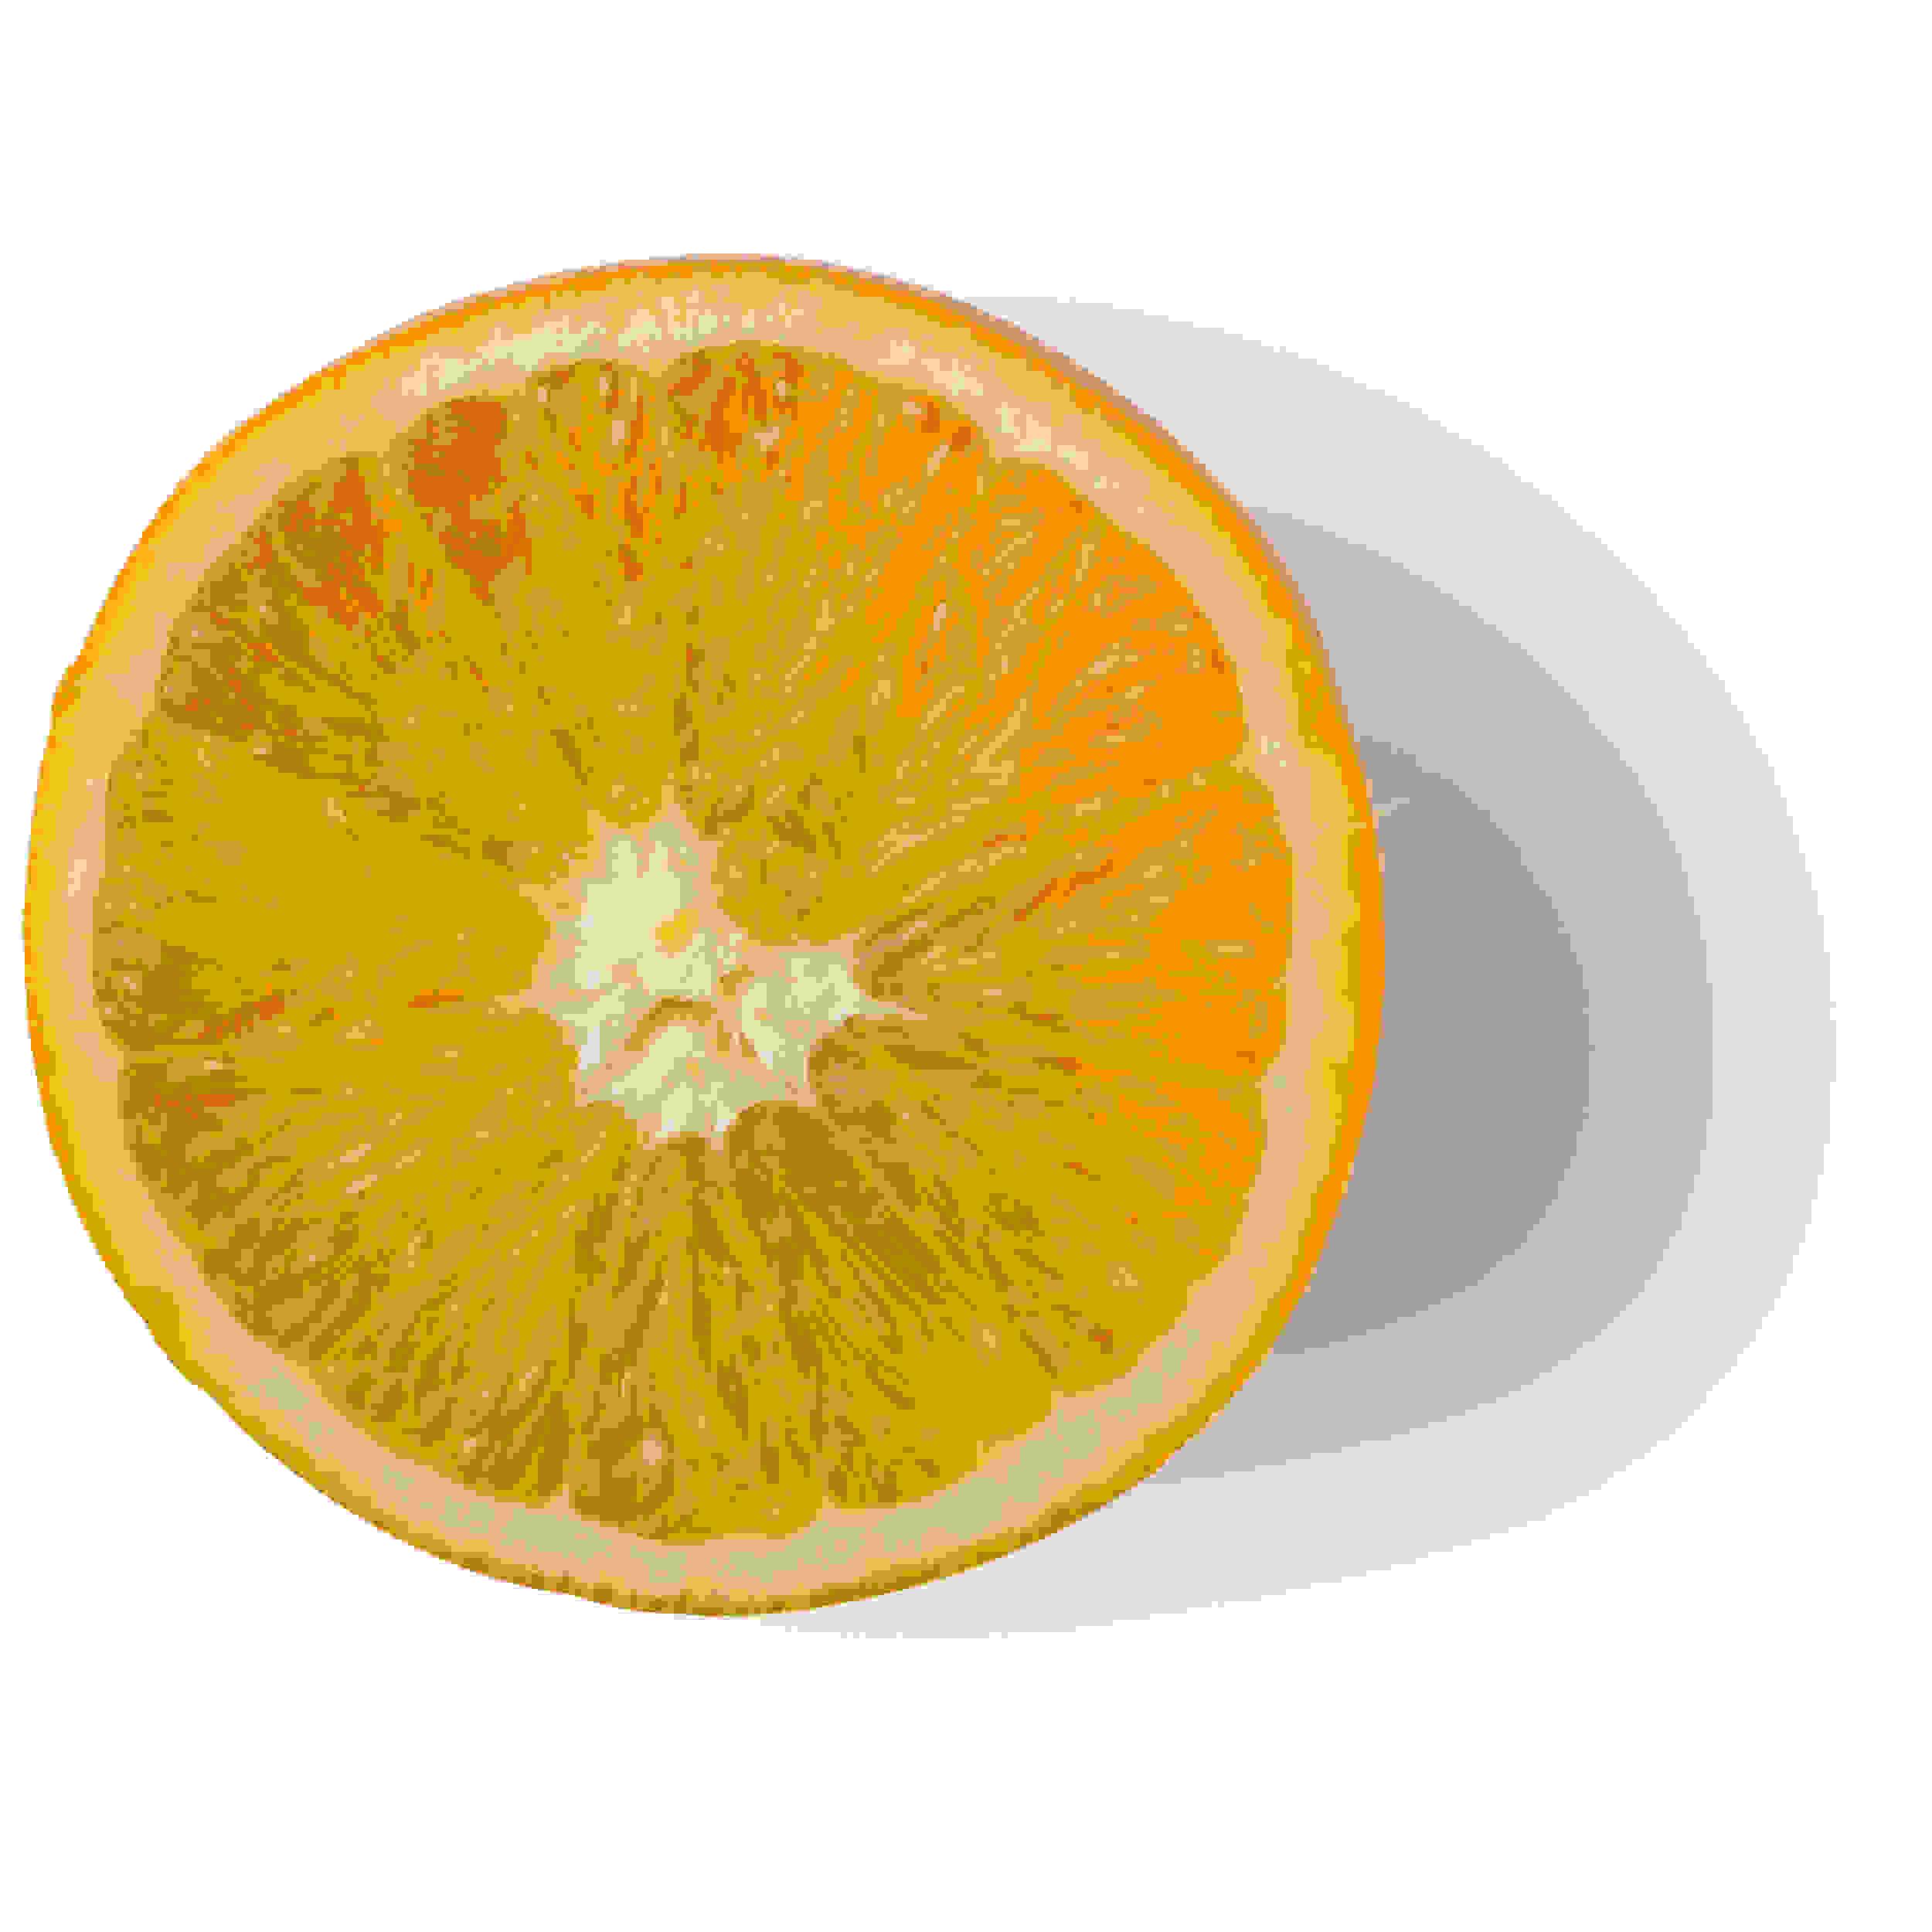 Purée d'orange